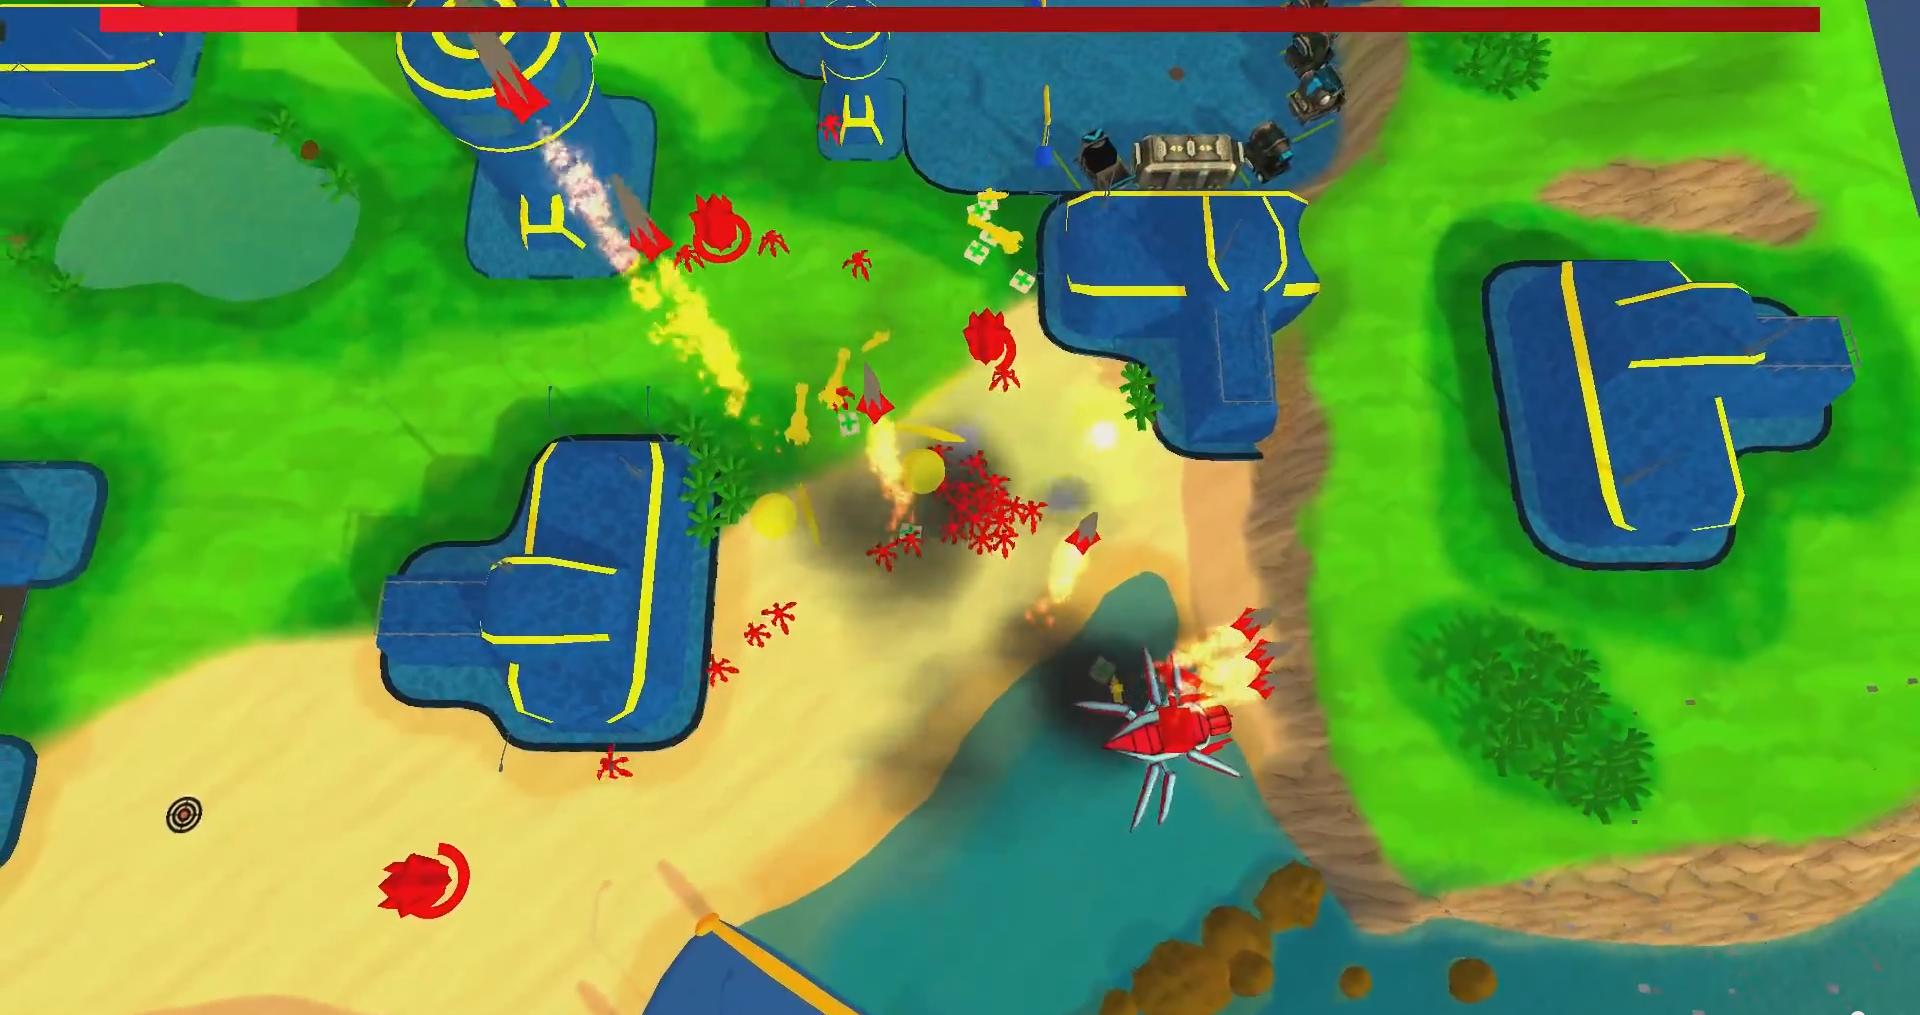 screenshot-boss-rush-02.png